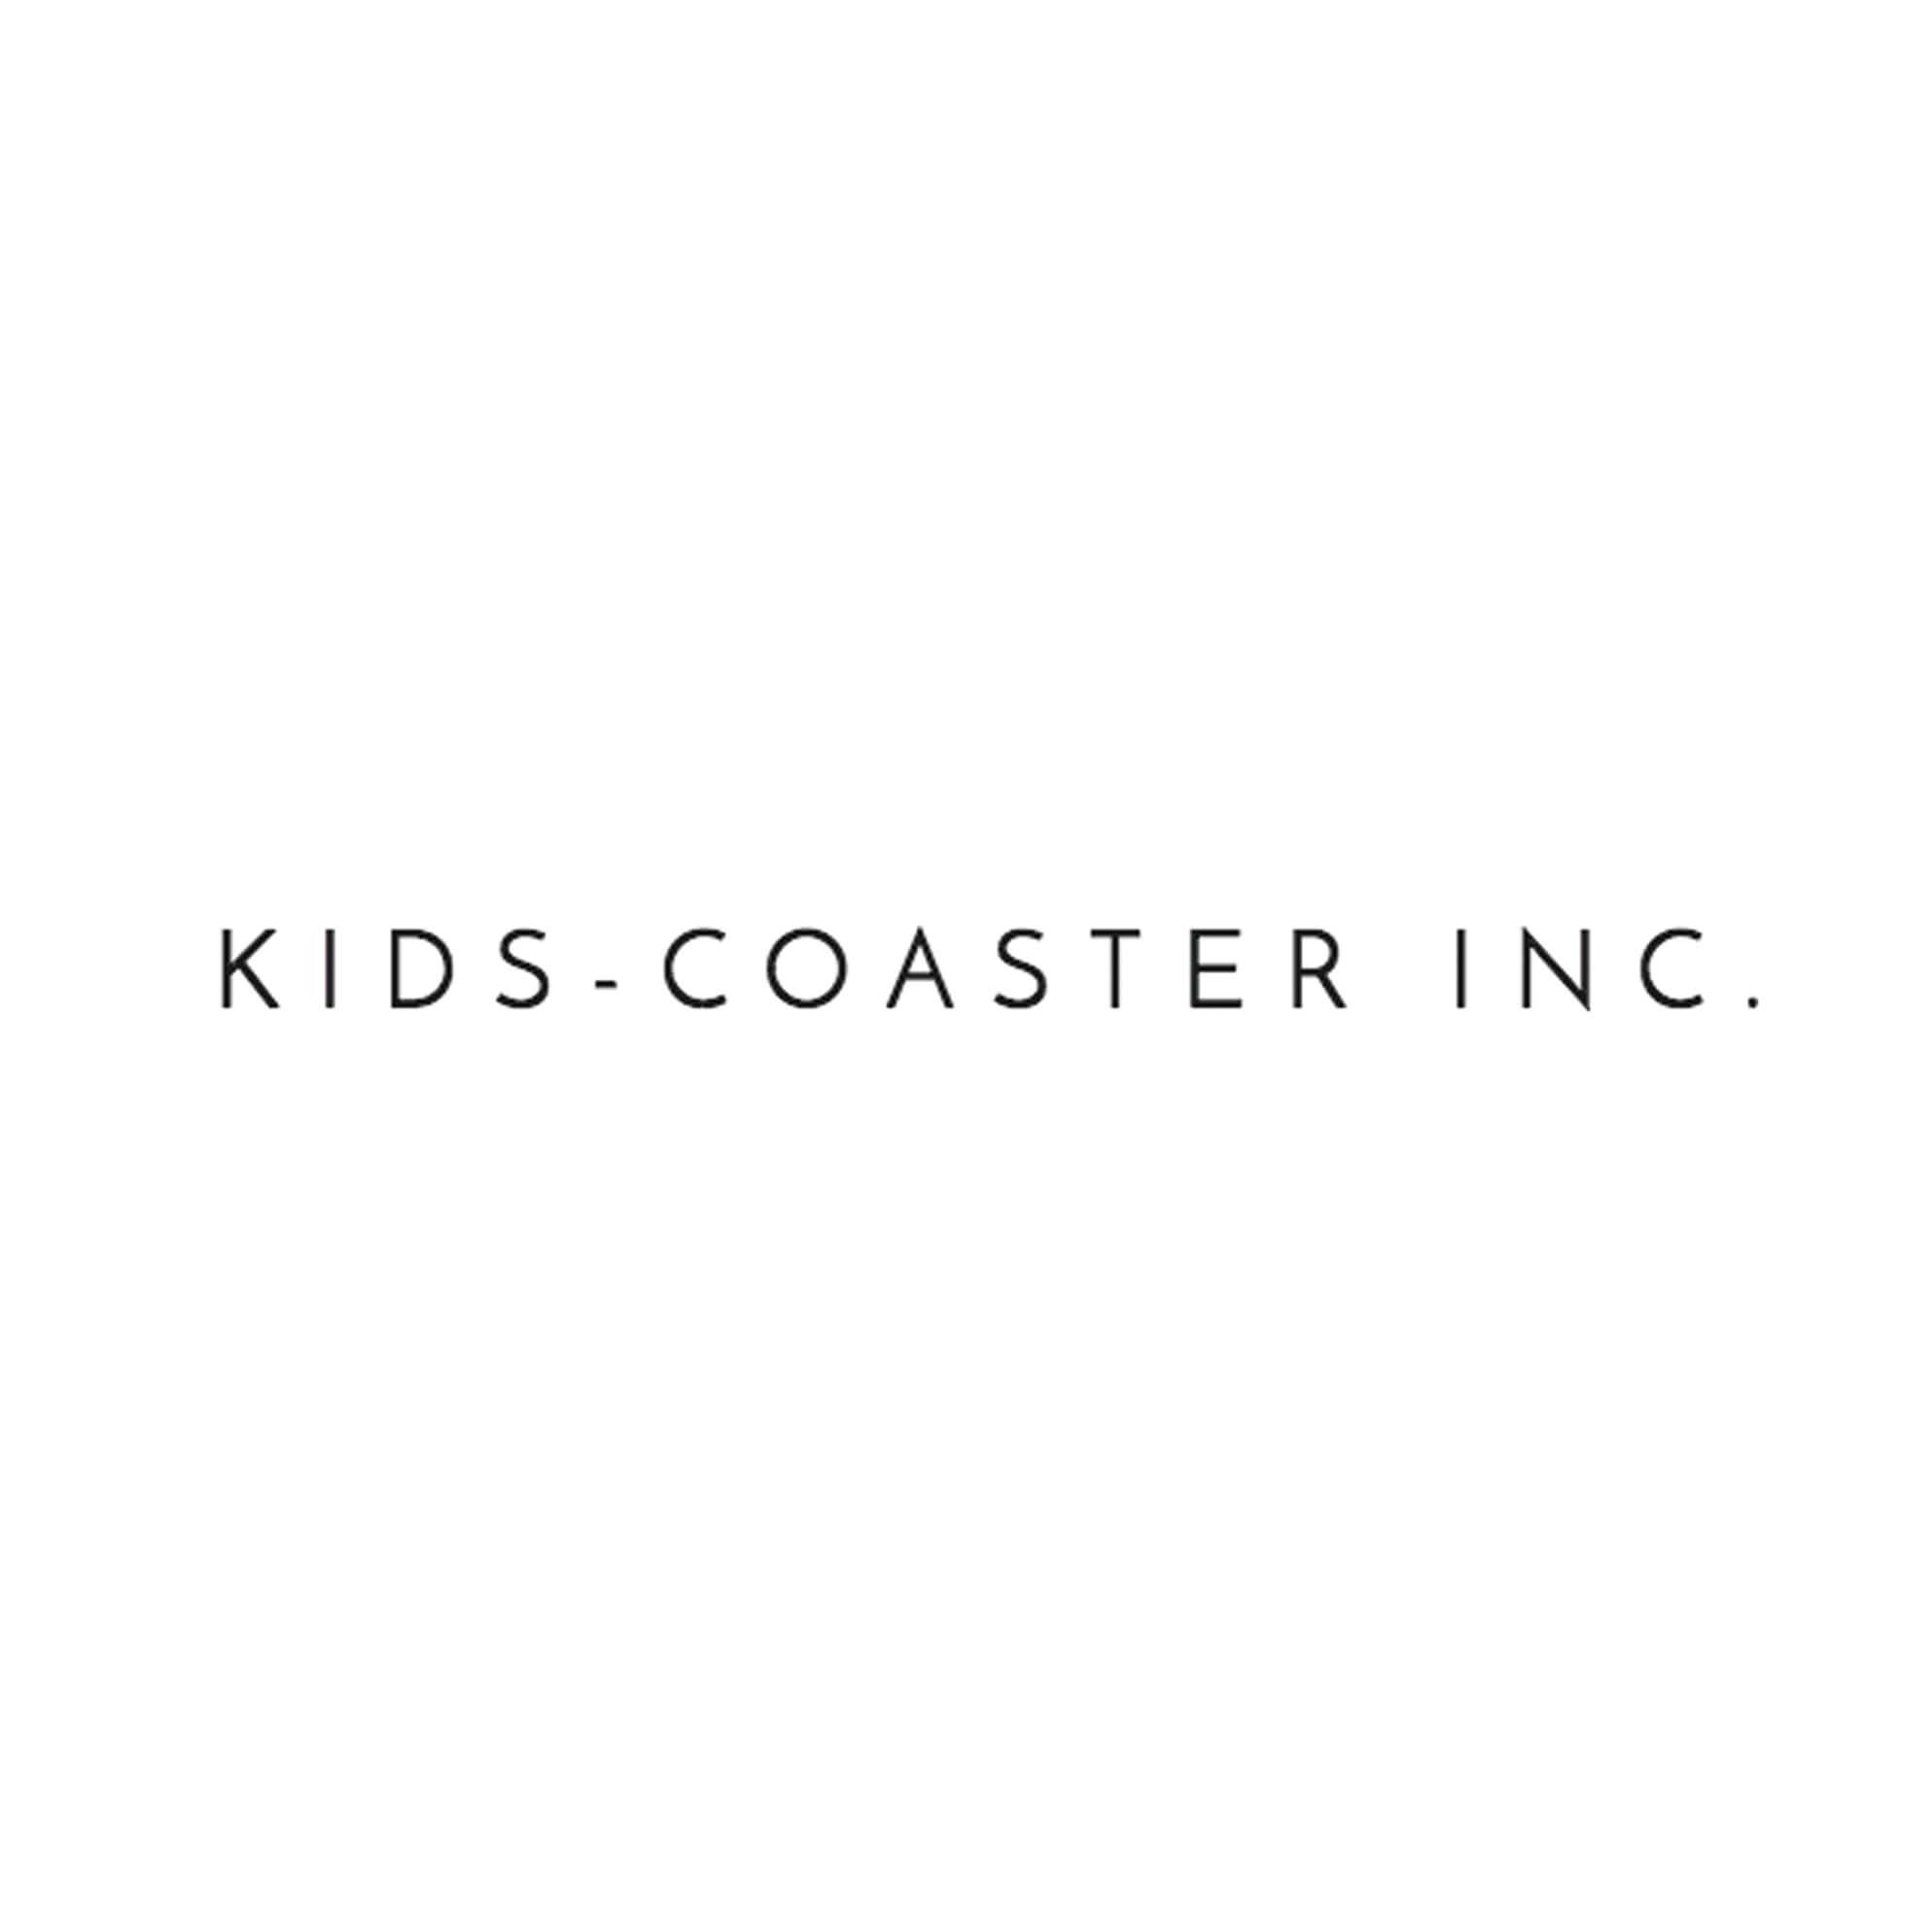 株式会社KIDS-COASTER のロゴ写真